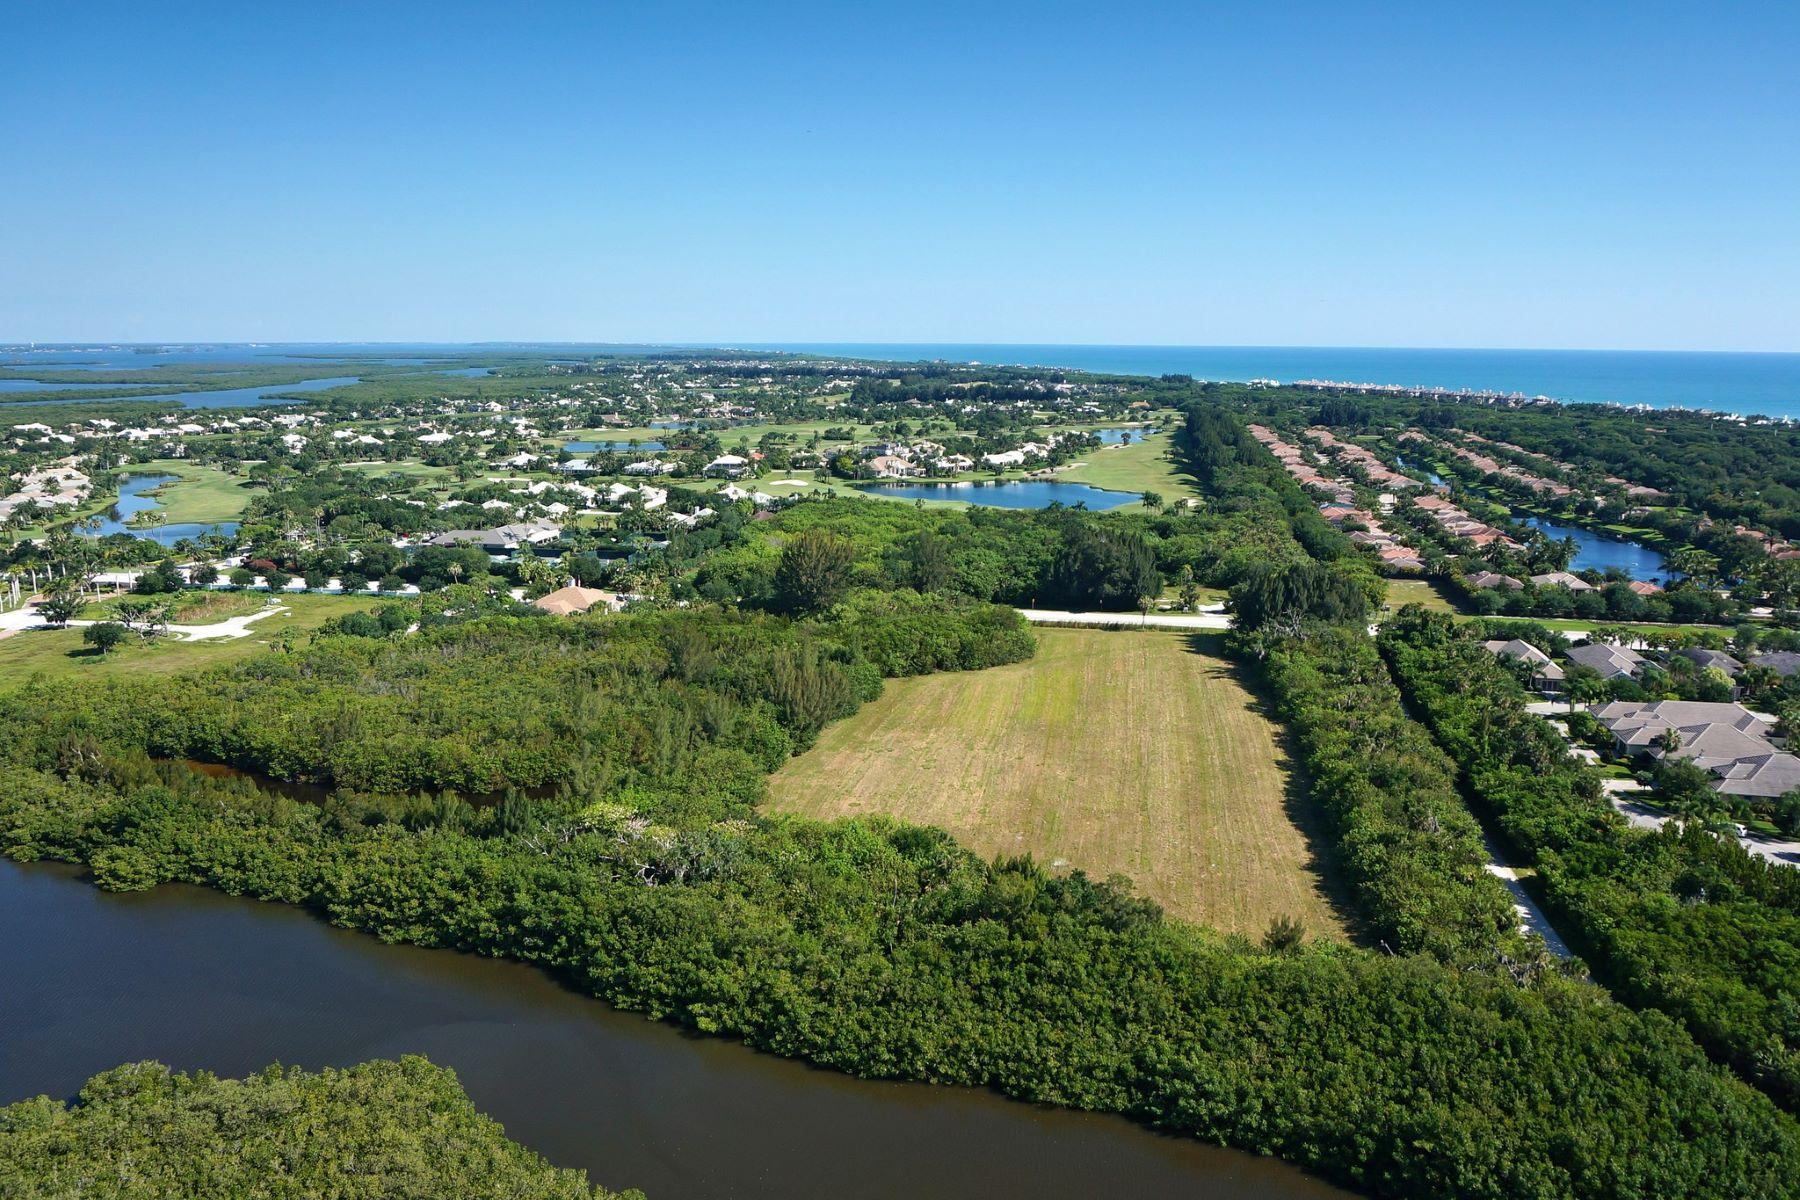 Đất đai vì Bán tại Rare Waterfront Development C R 510 Vero Beach, Florida, 32963 Hoa Kỳ